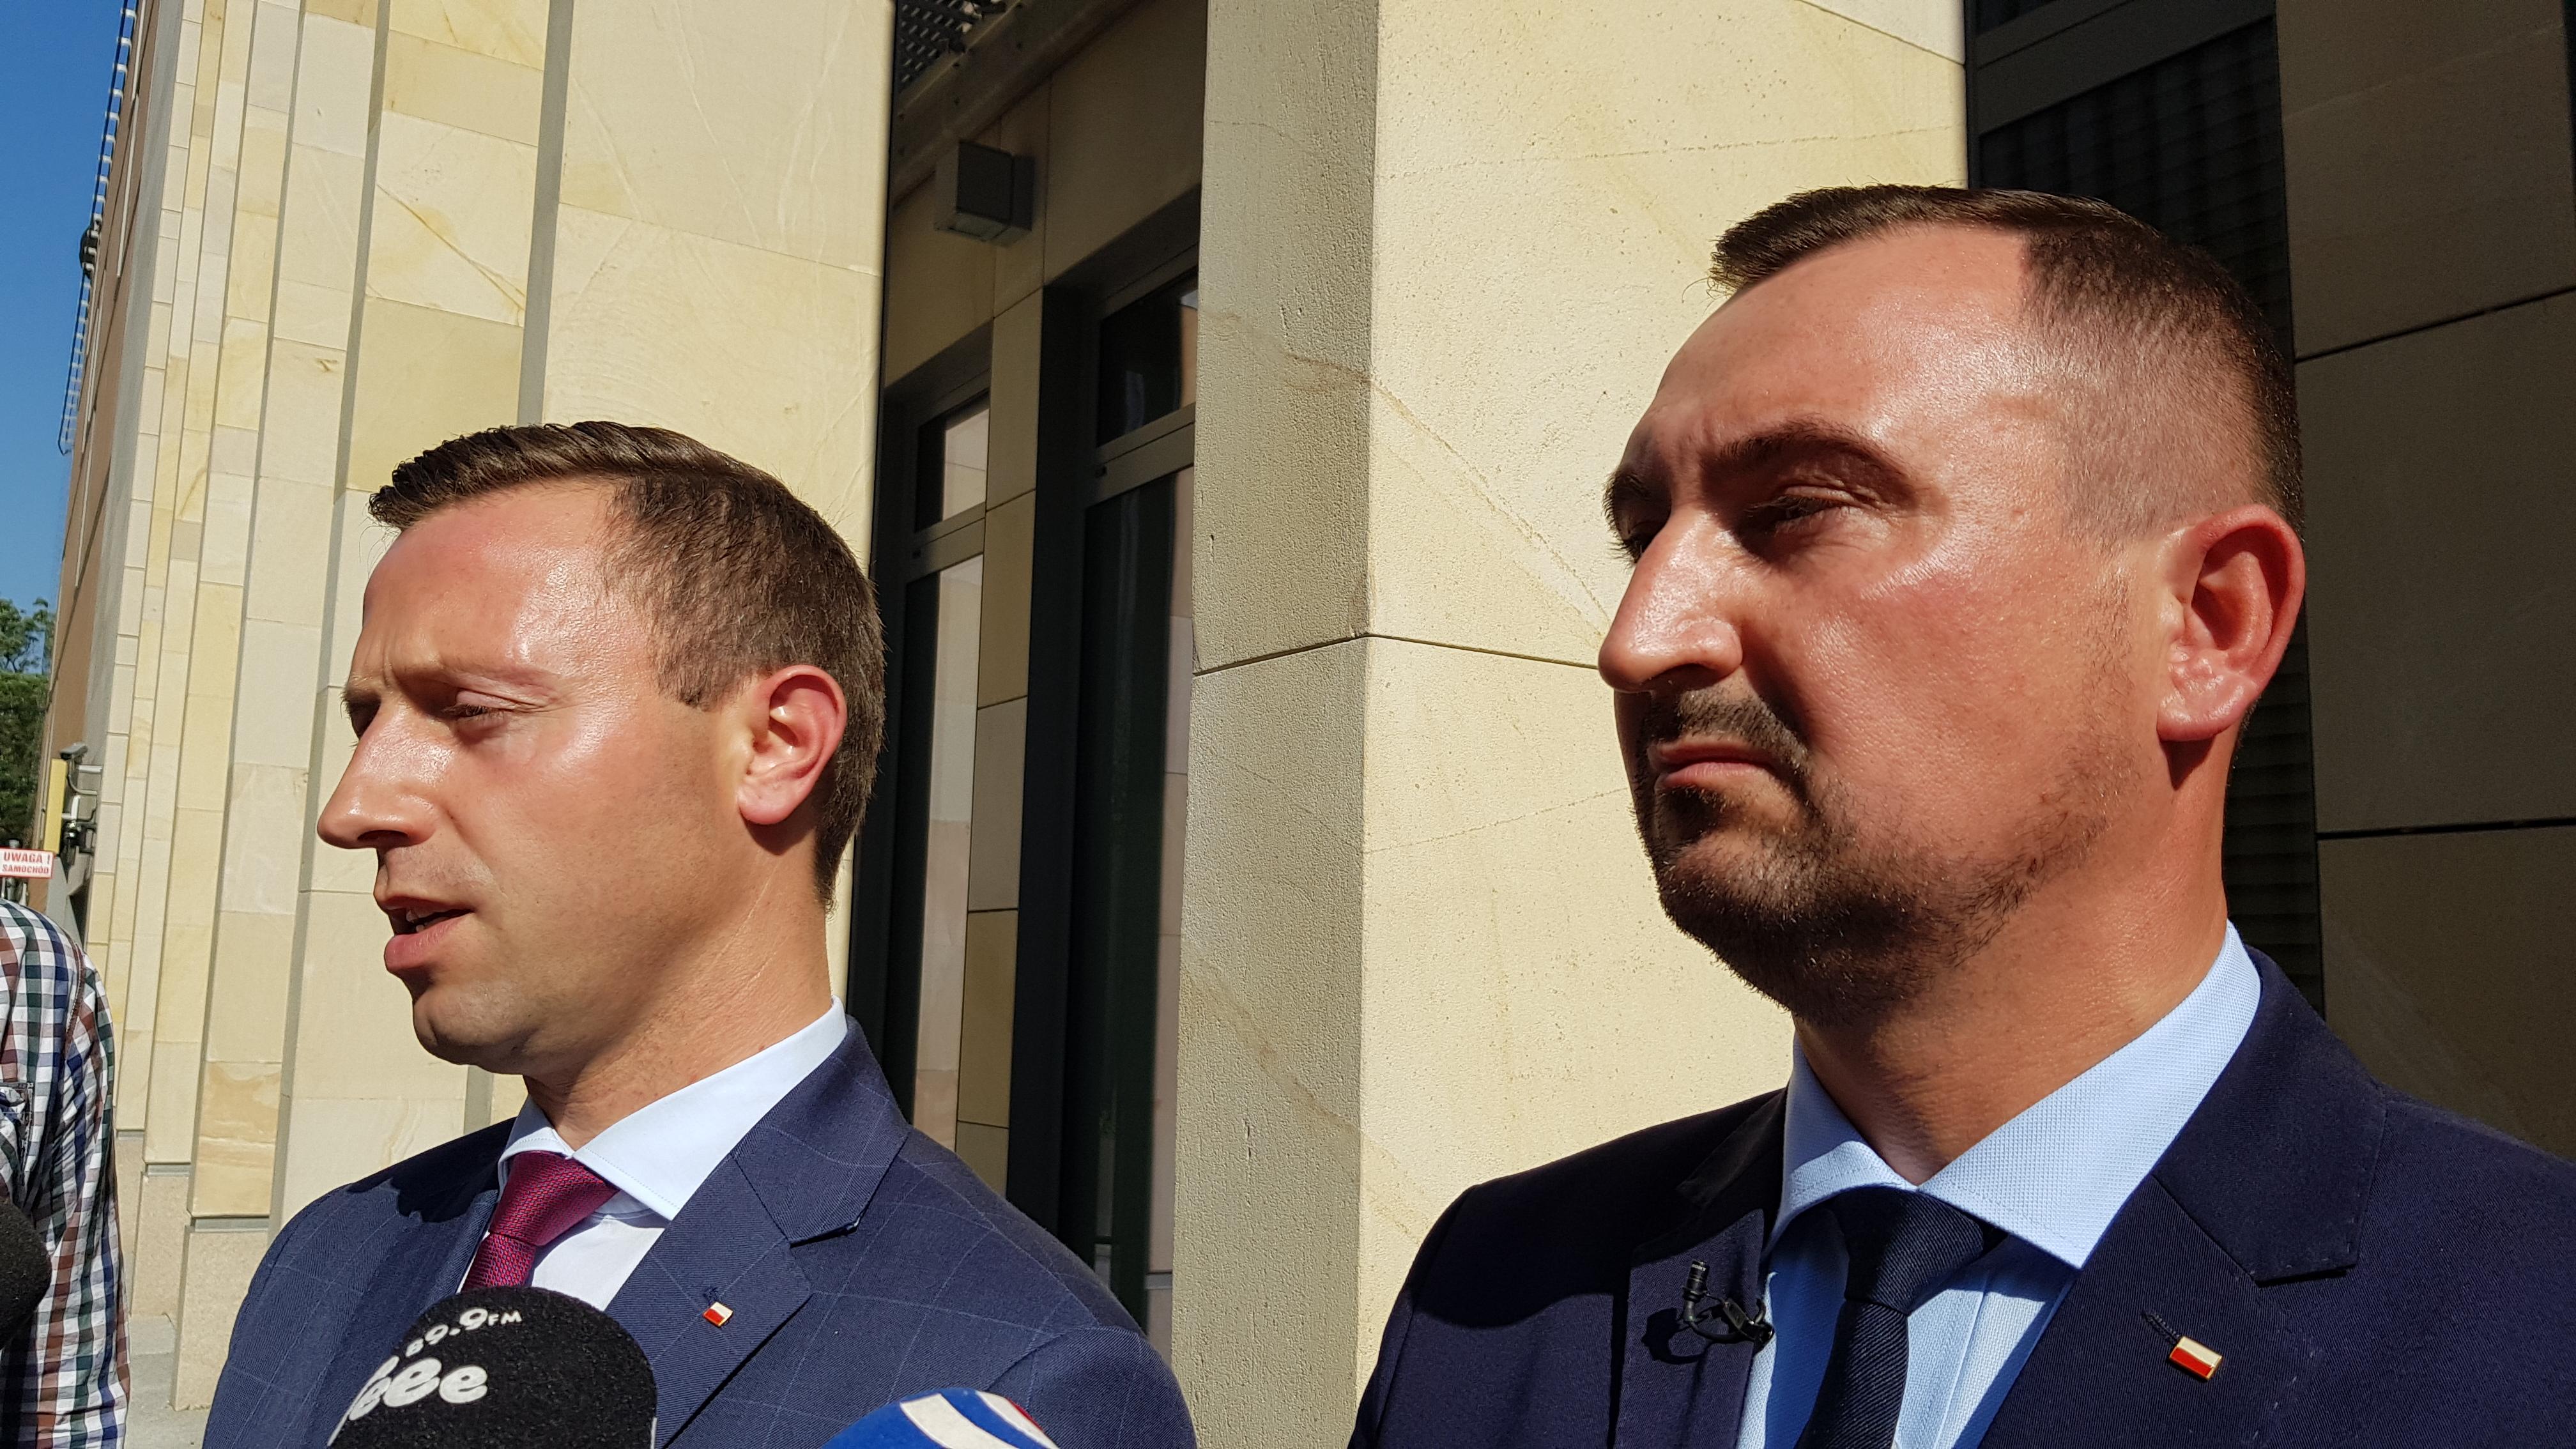 Działacze PiS zarzucają marszałkowi wykorzystywanie urzędników do własnych celów politycznych